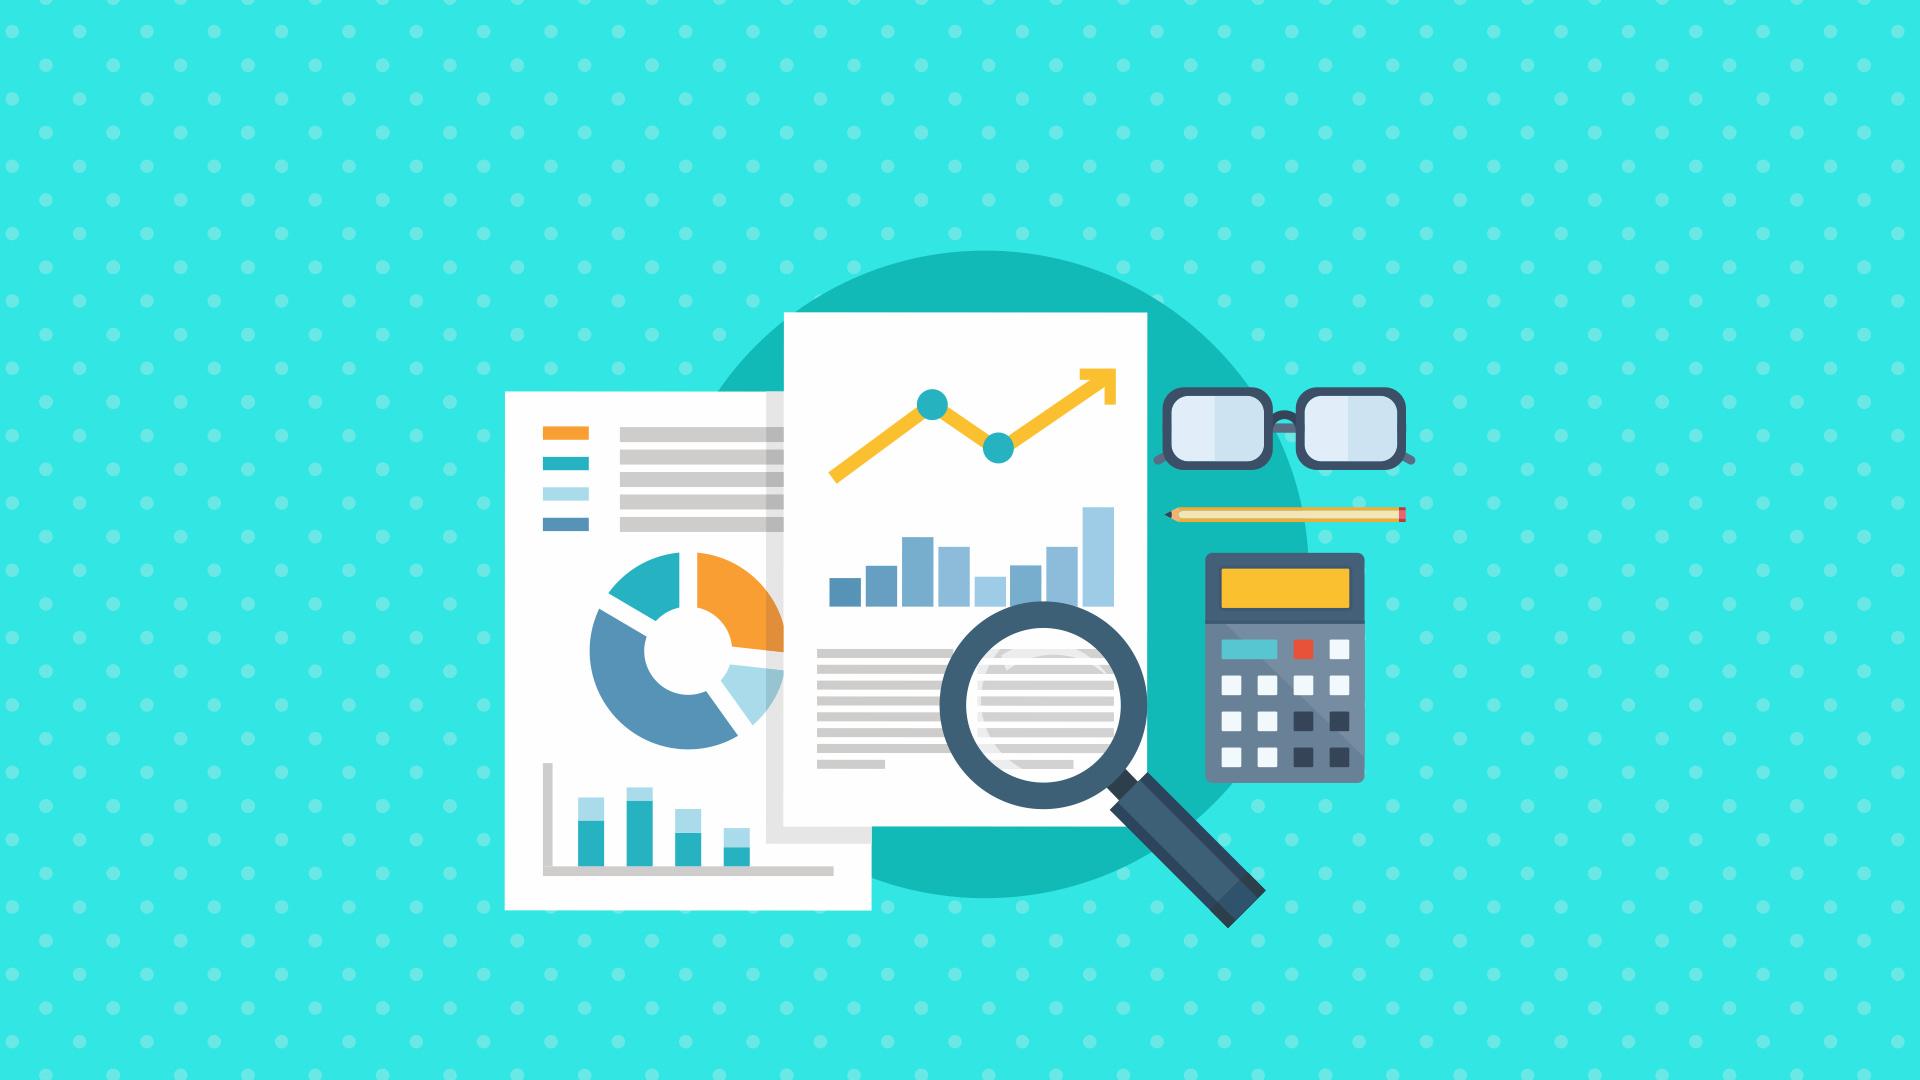 Relatórios e lupa, com calculadora, óculos e lápis à direita.